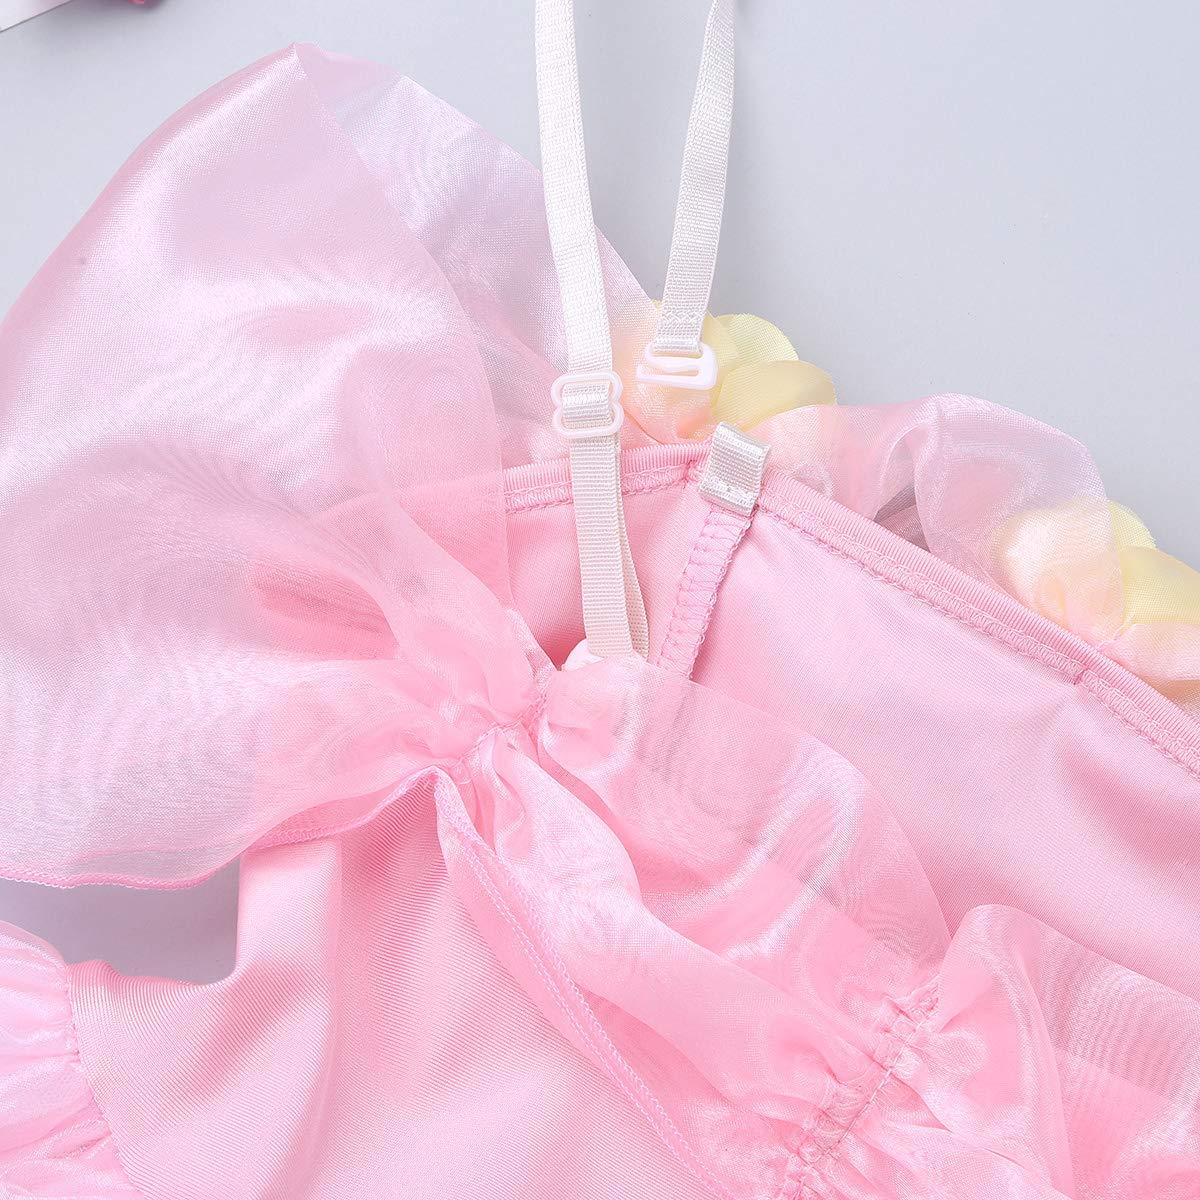 YOOJIA Vestido Tut/ú Maillot de Ballet Ni/ñas Vestido Princesa Danza con Braga Traje Brillantge Fiesta Actuaci/ón Ropa Bailarina Infantil 3-8 A/ños